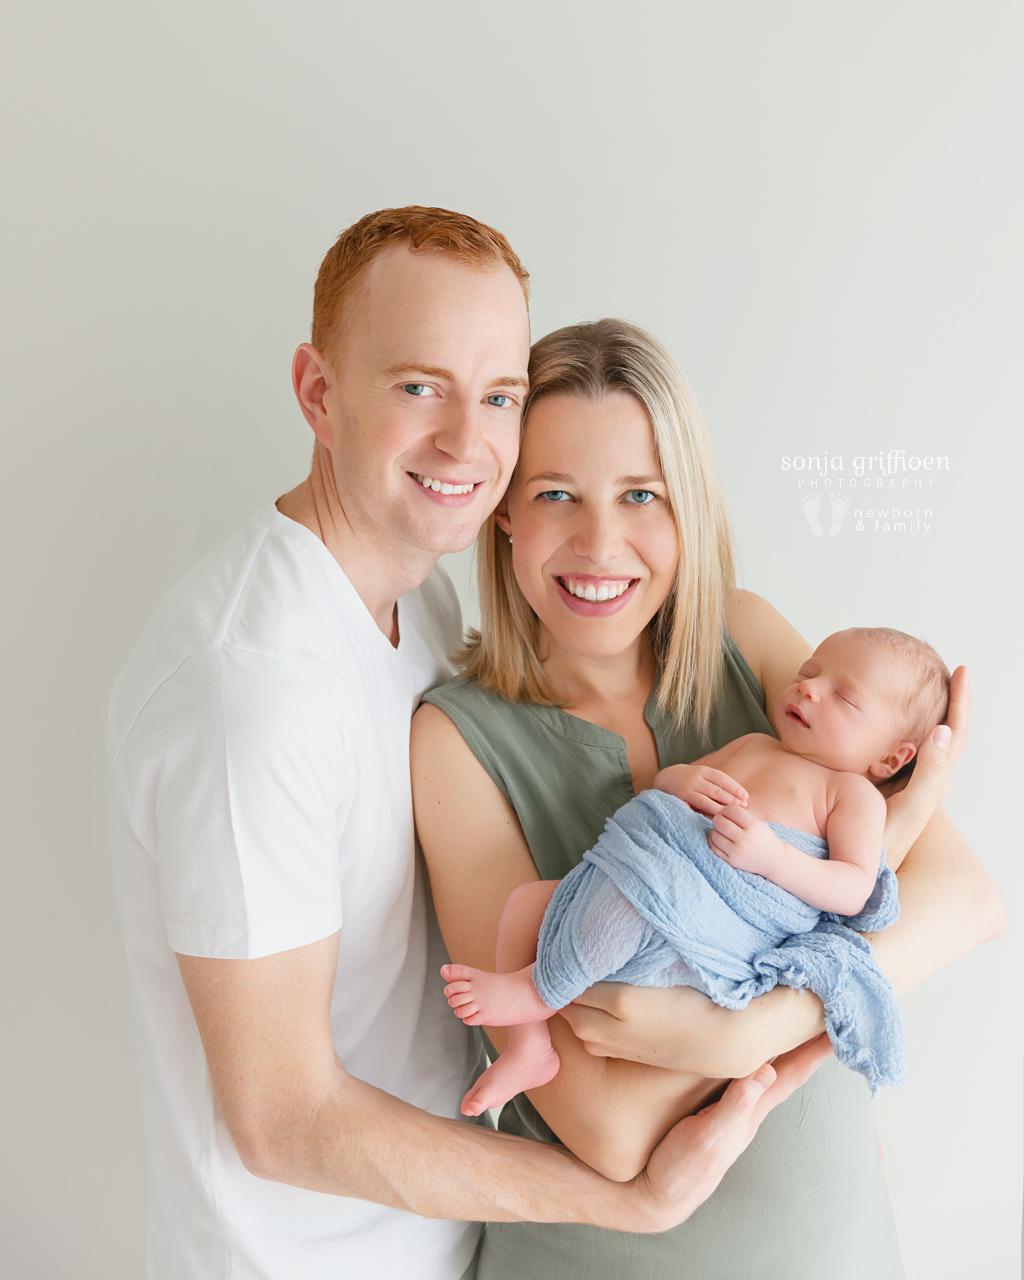 Archie-Newborn-Brisbane-Newborn-Photographer-Sonja-Griffioen-04.jpg